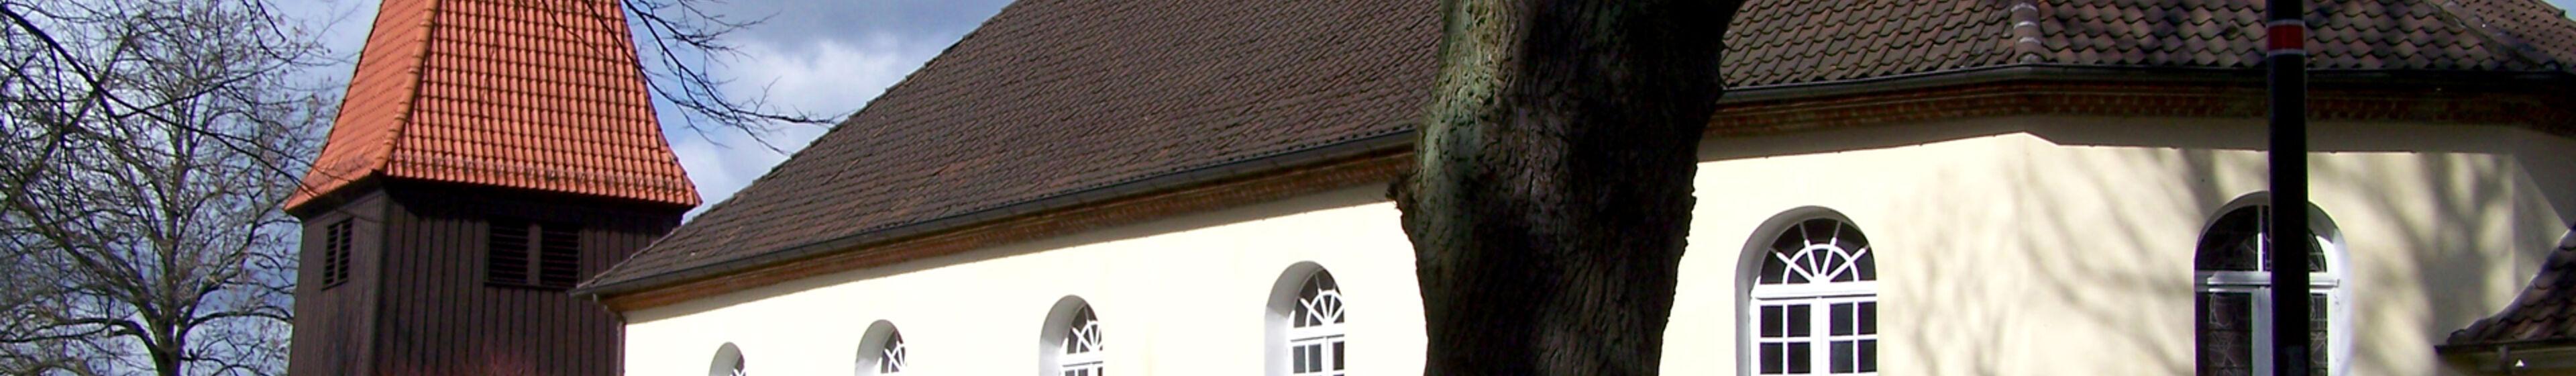 Kirche außen 3